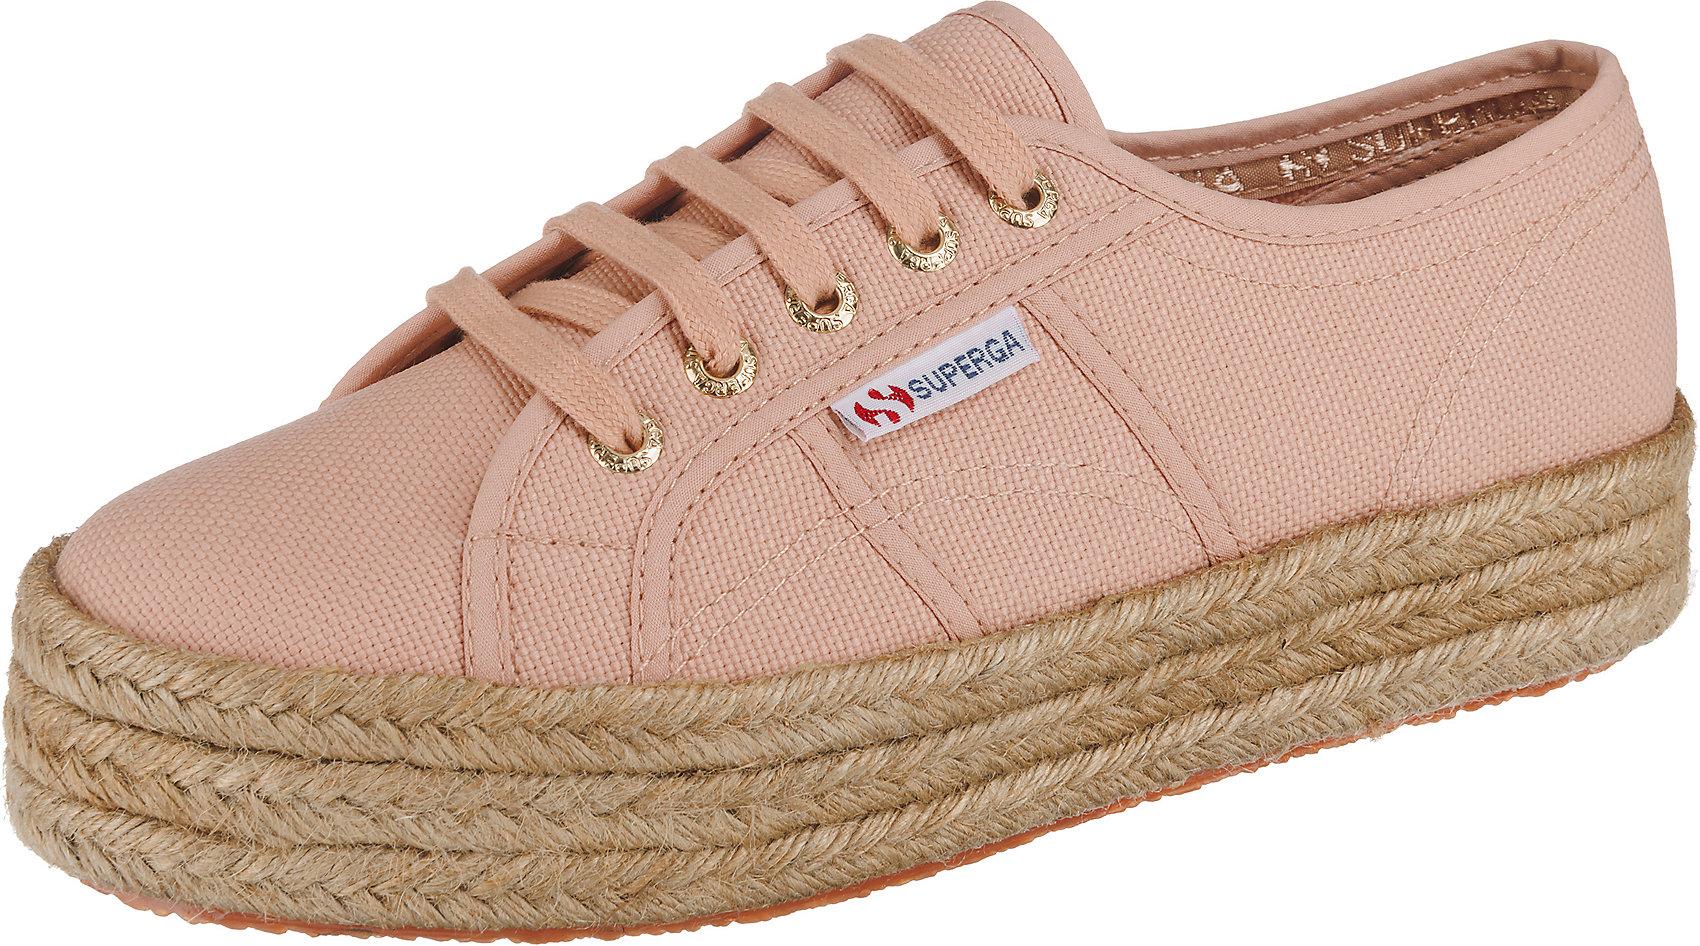 Details zu Neu Superga® 2730 Sneakers Low 7753752 für Damen